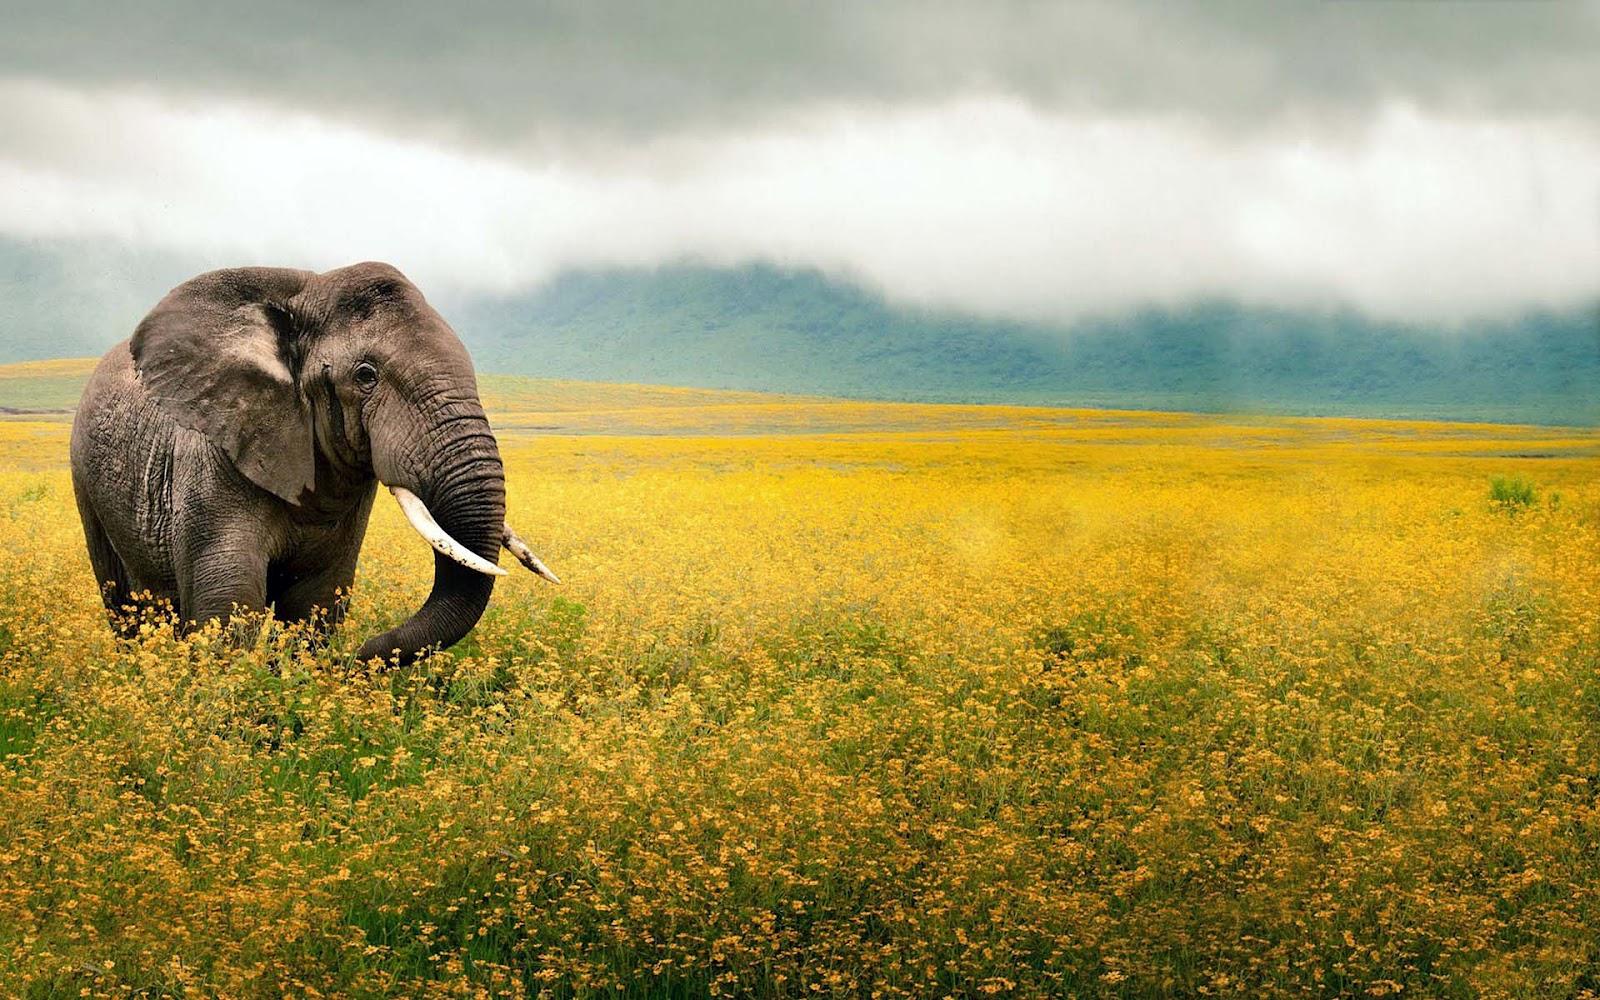 olifanten achtergronden bureaublad - photo #25